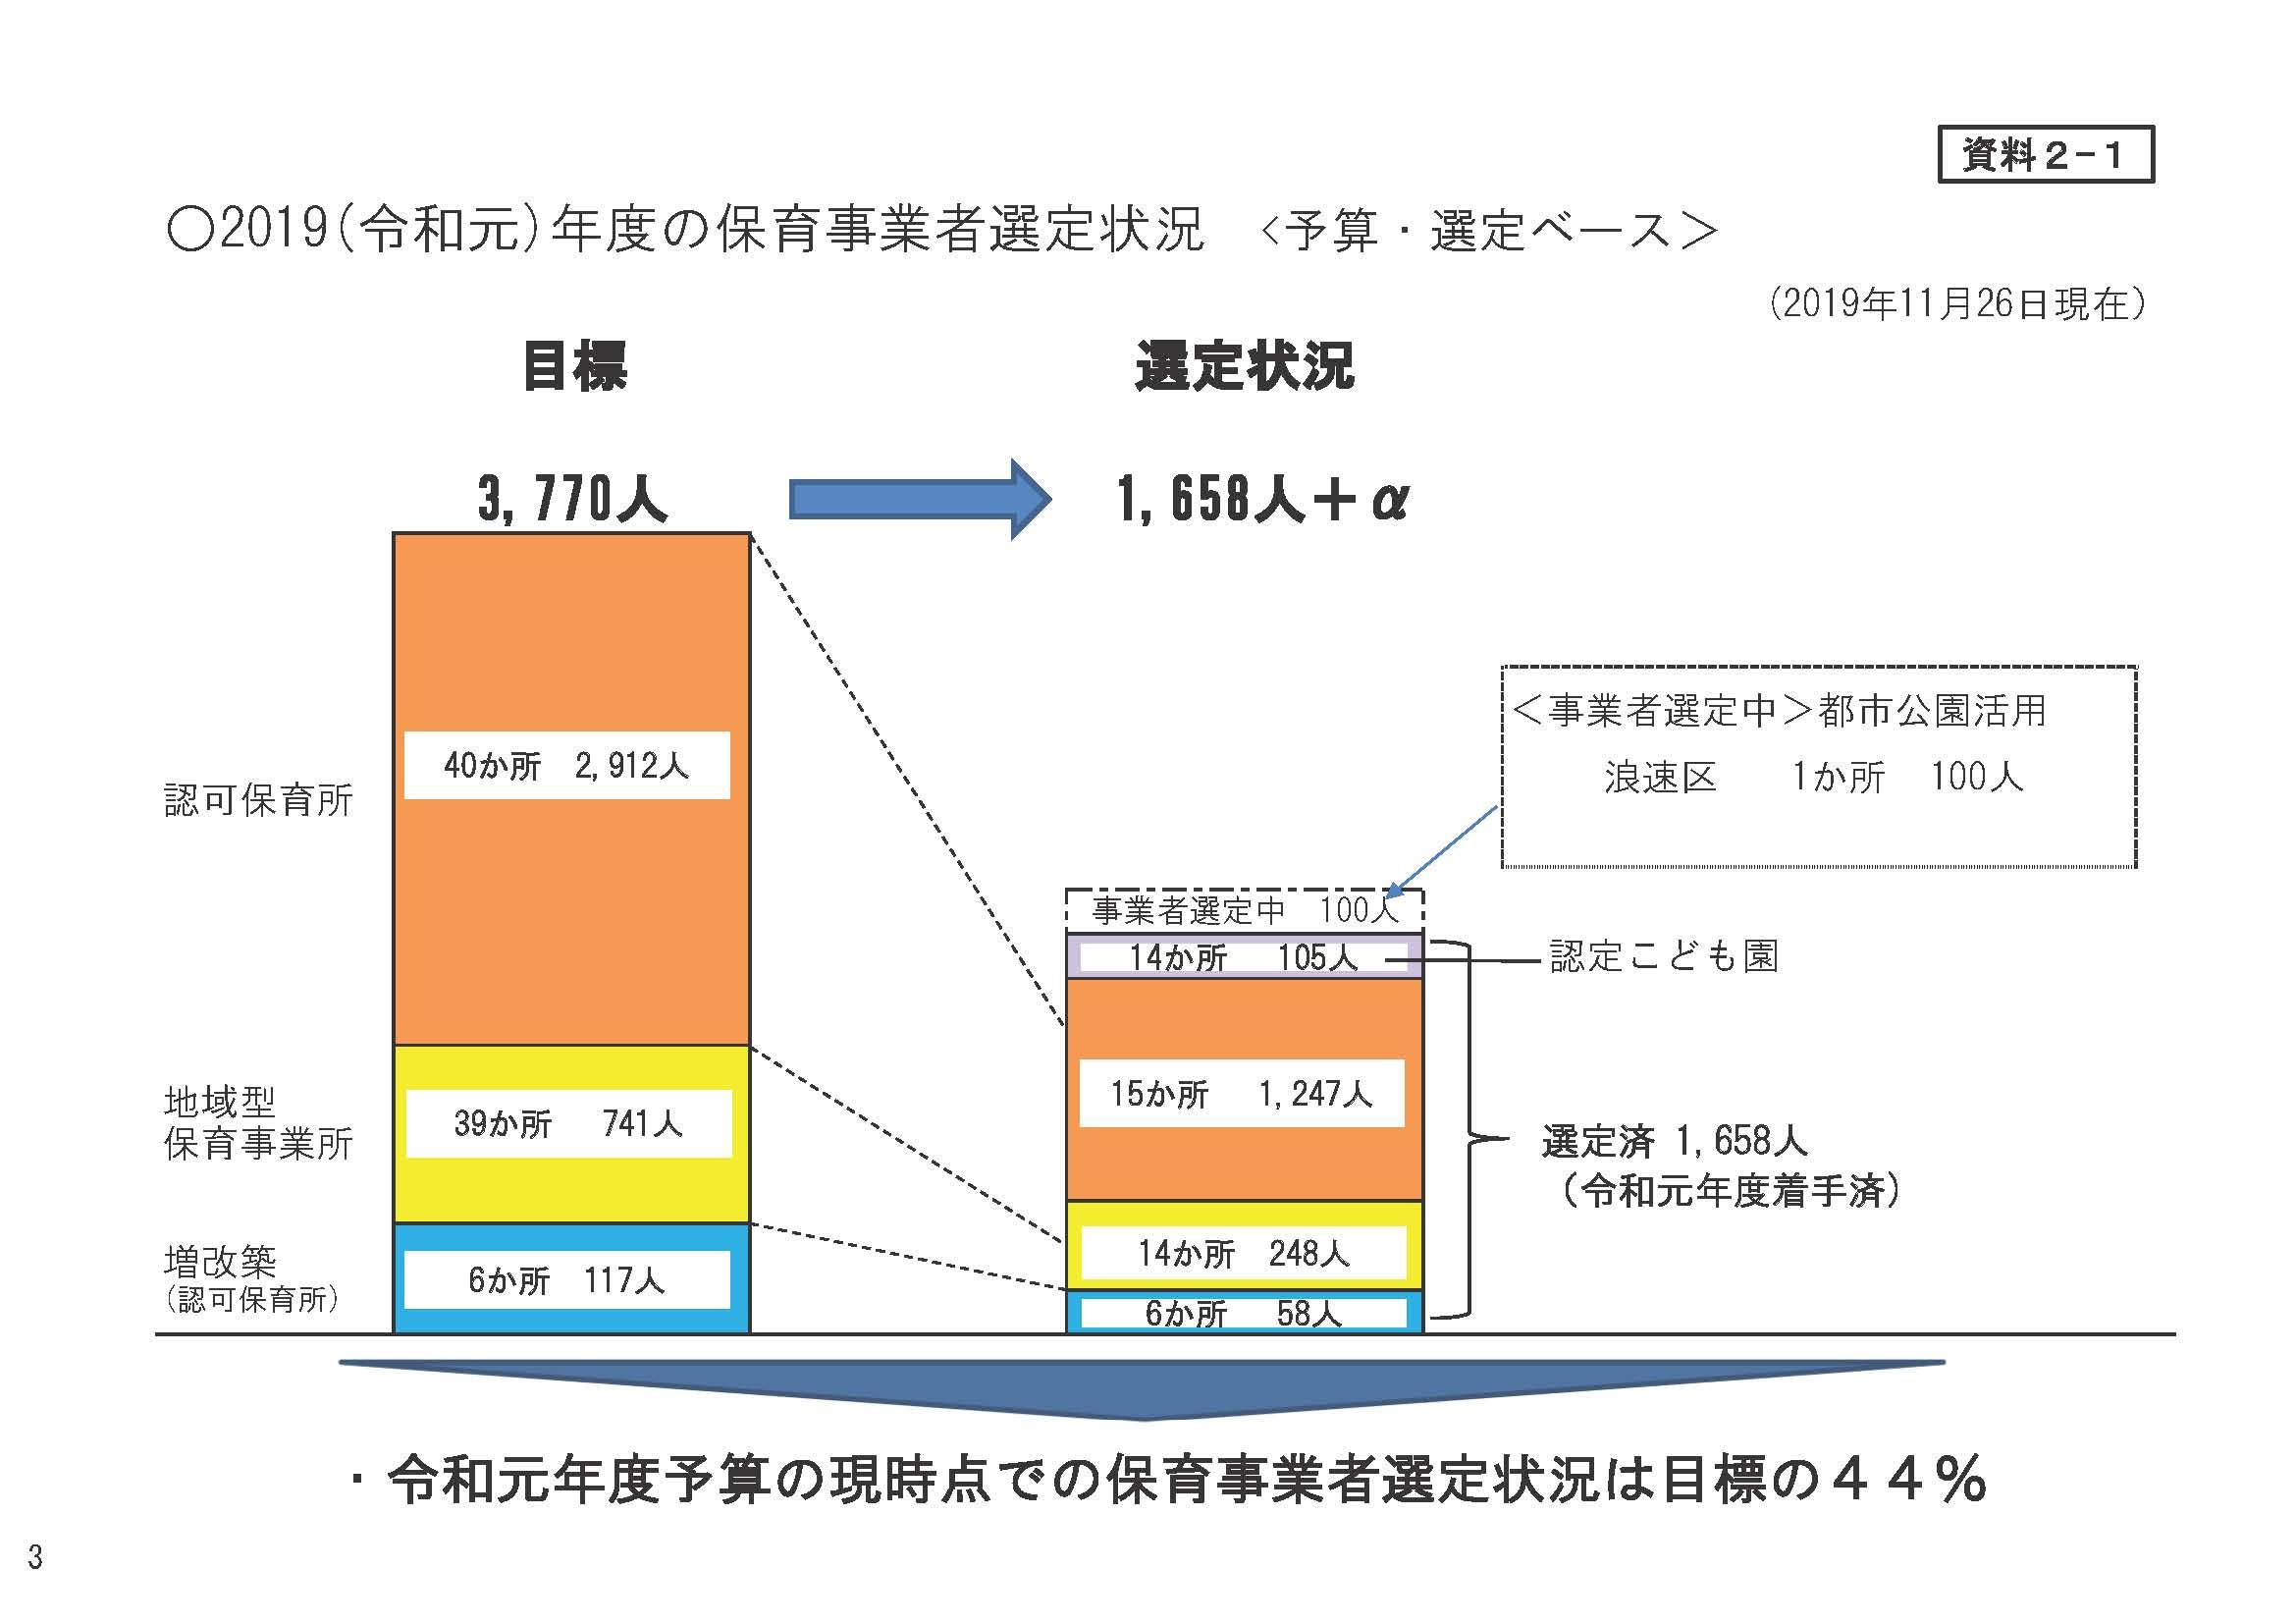 【ニュース】大阪市で2700人分の保育所入所枠不足 2021年度